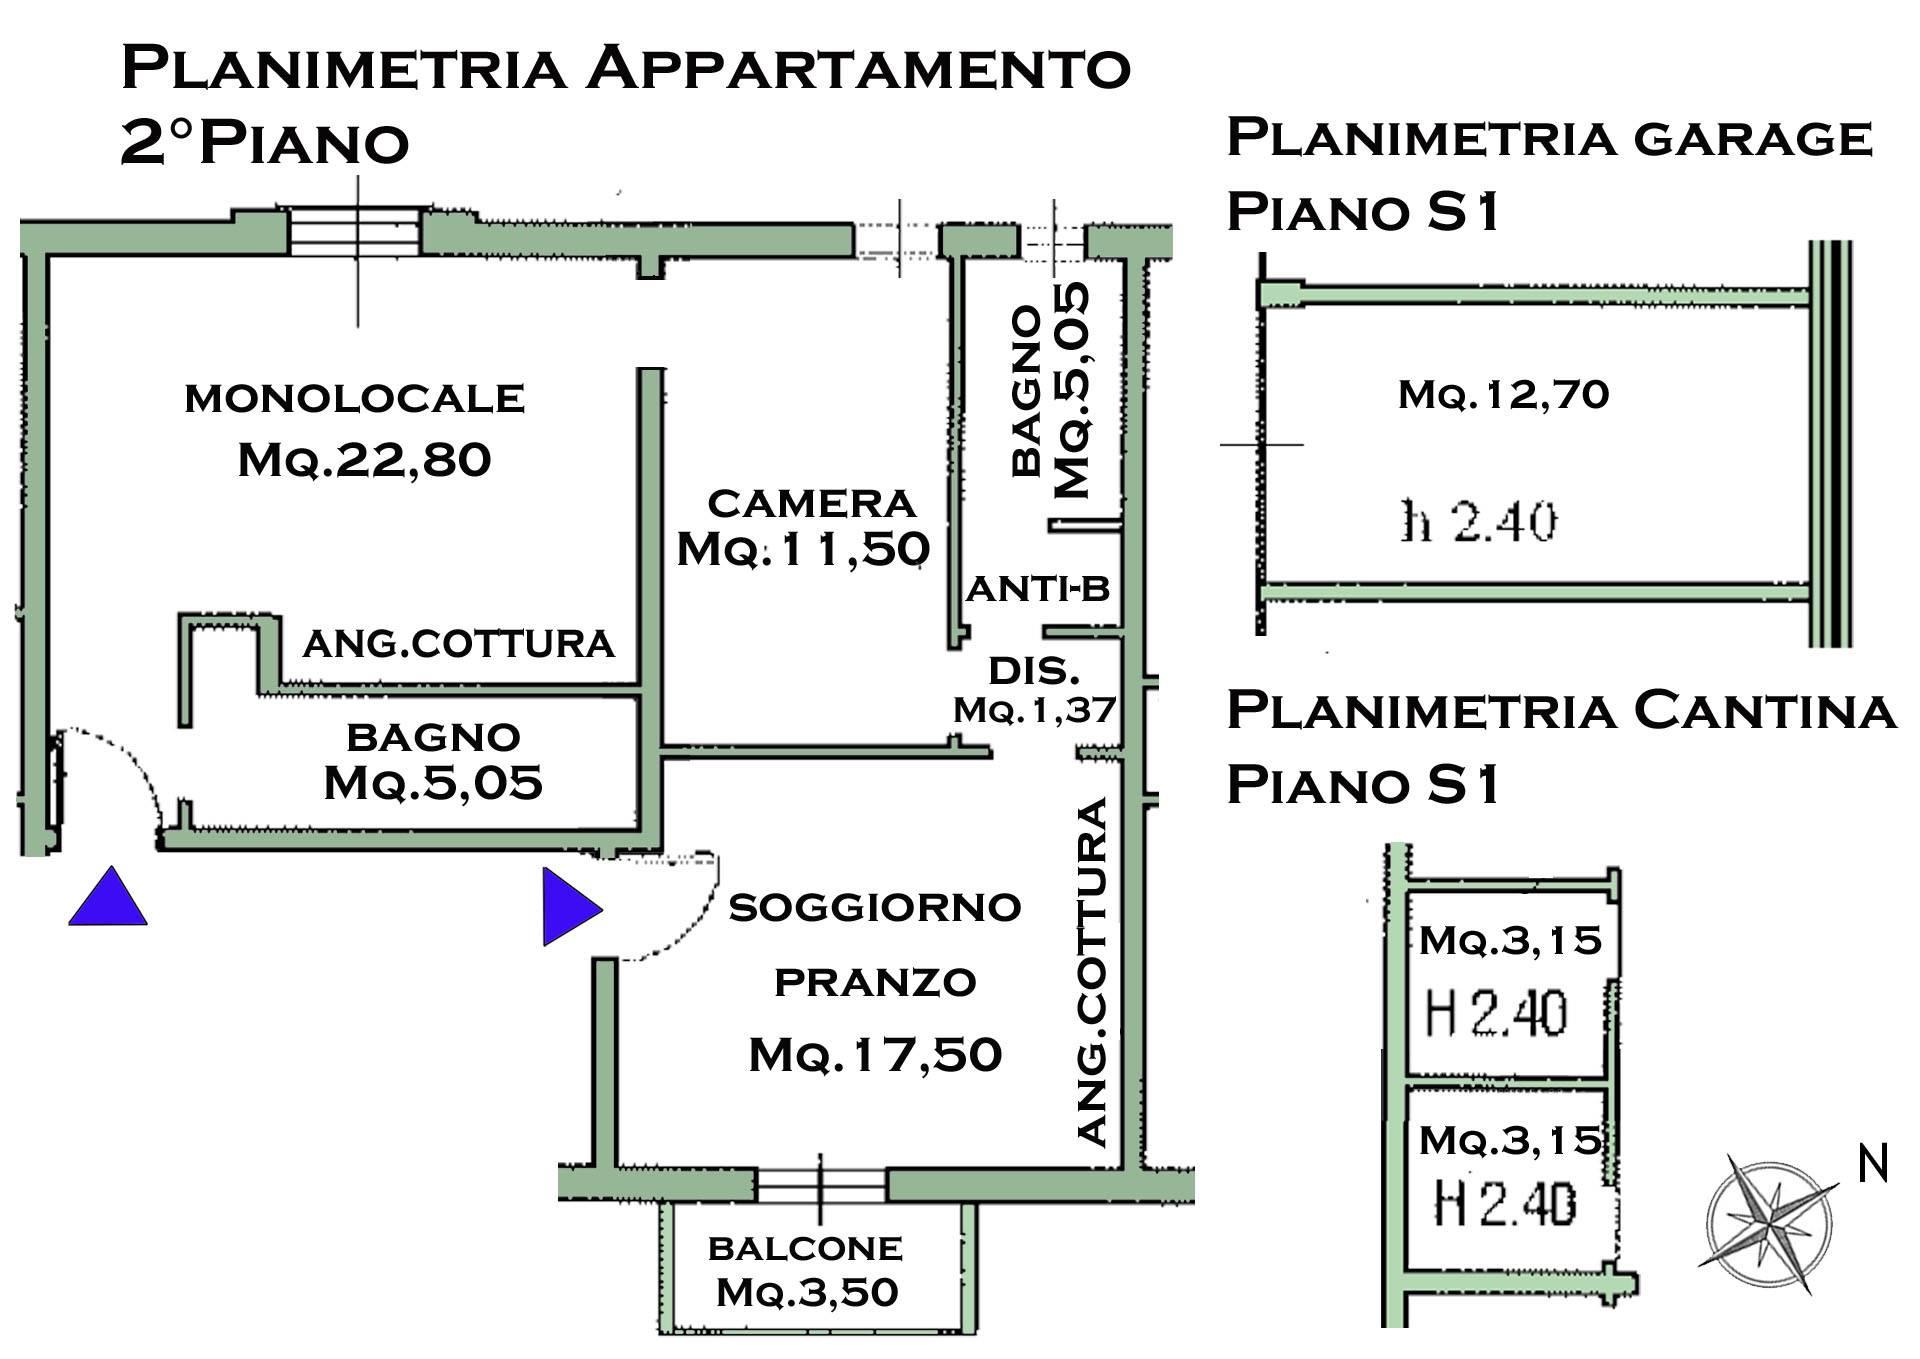 R43-planimetria appartamento